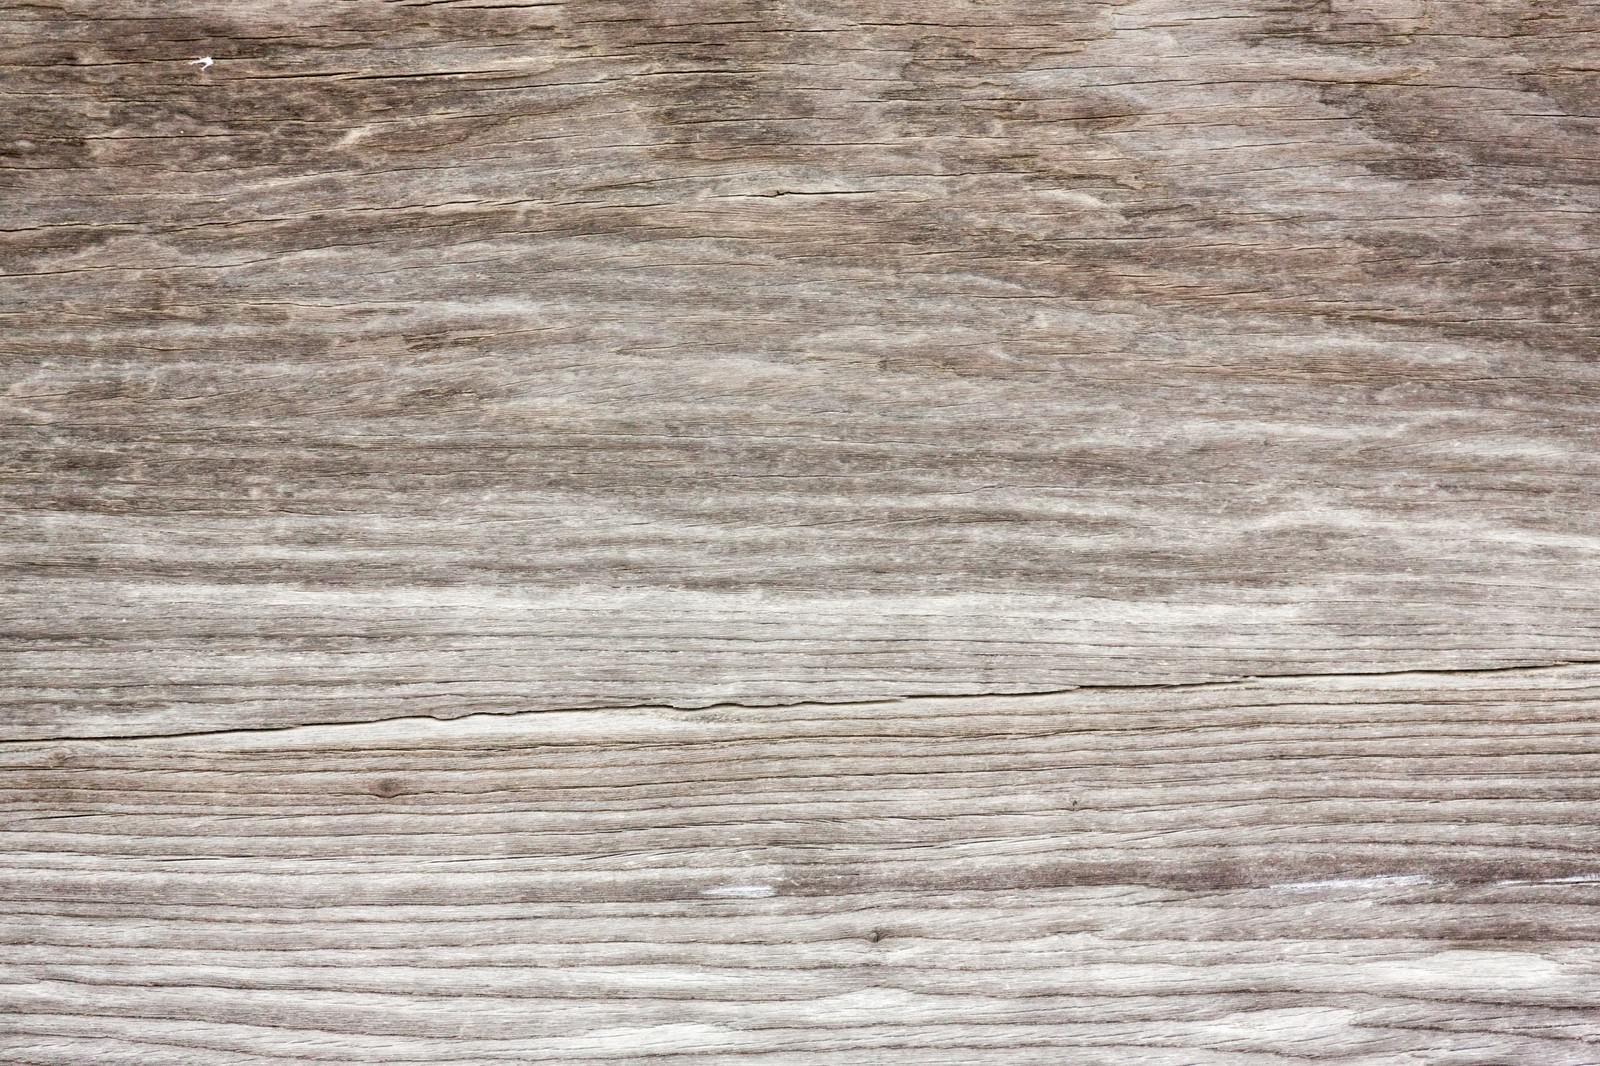 「木製の壁」の写真